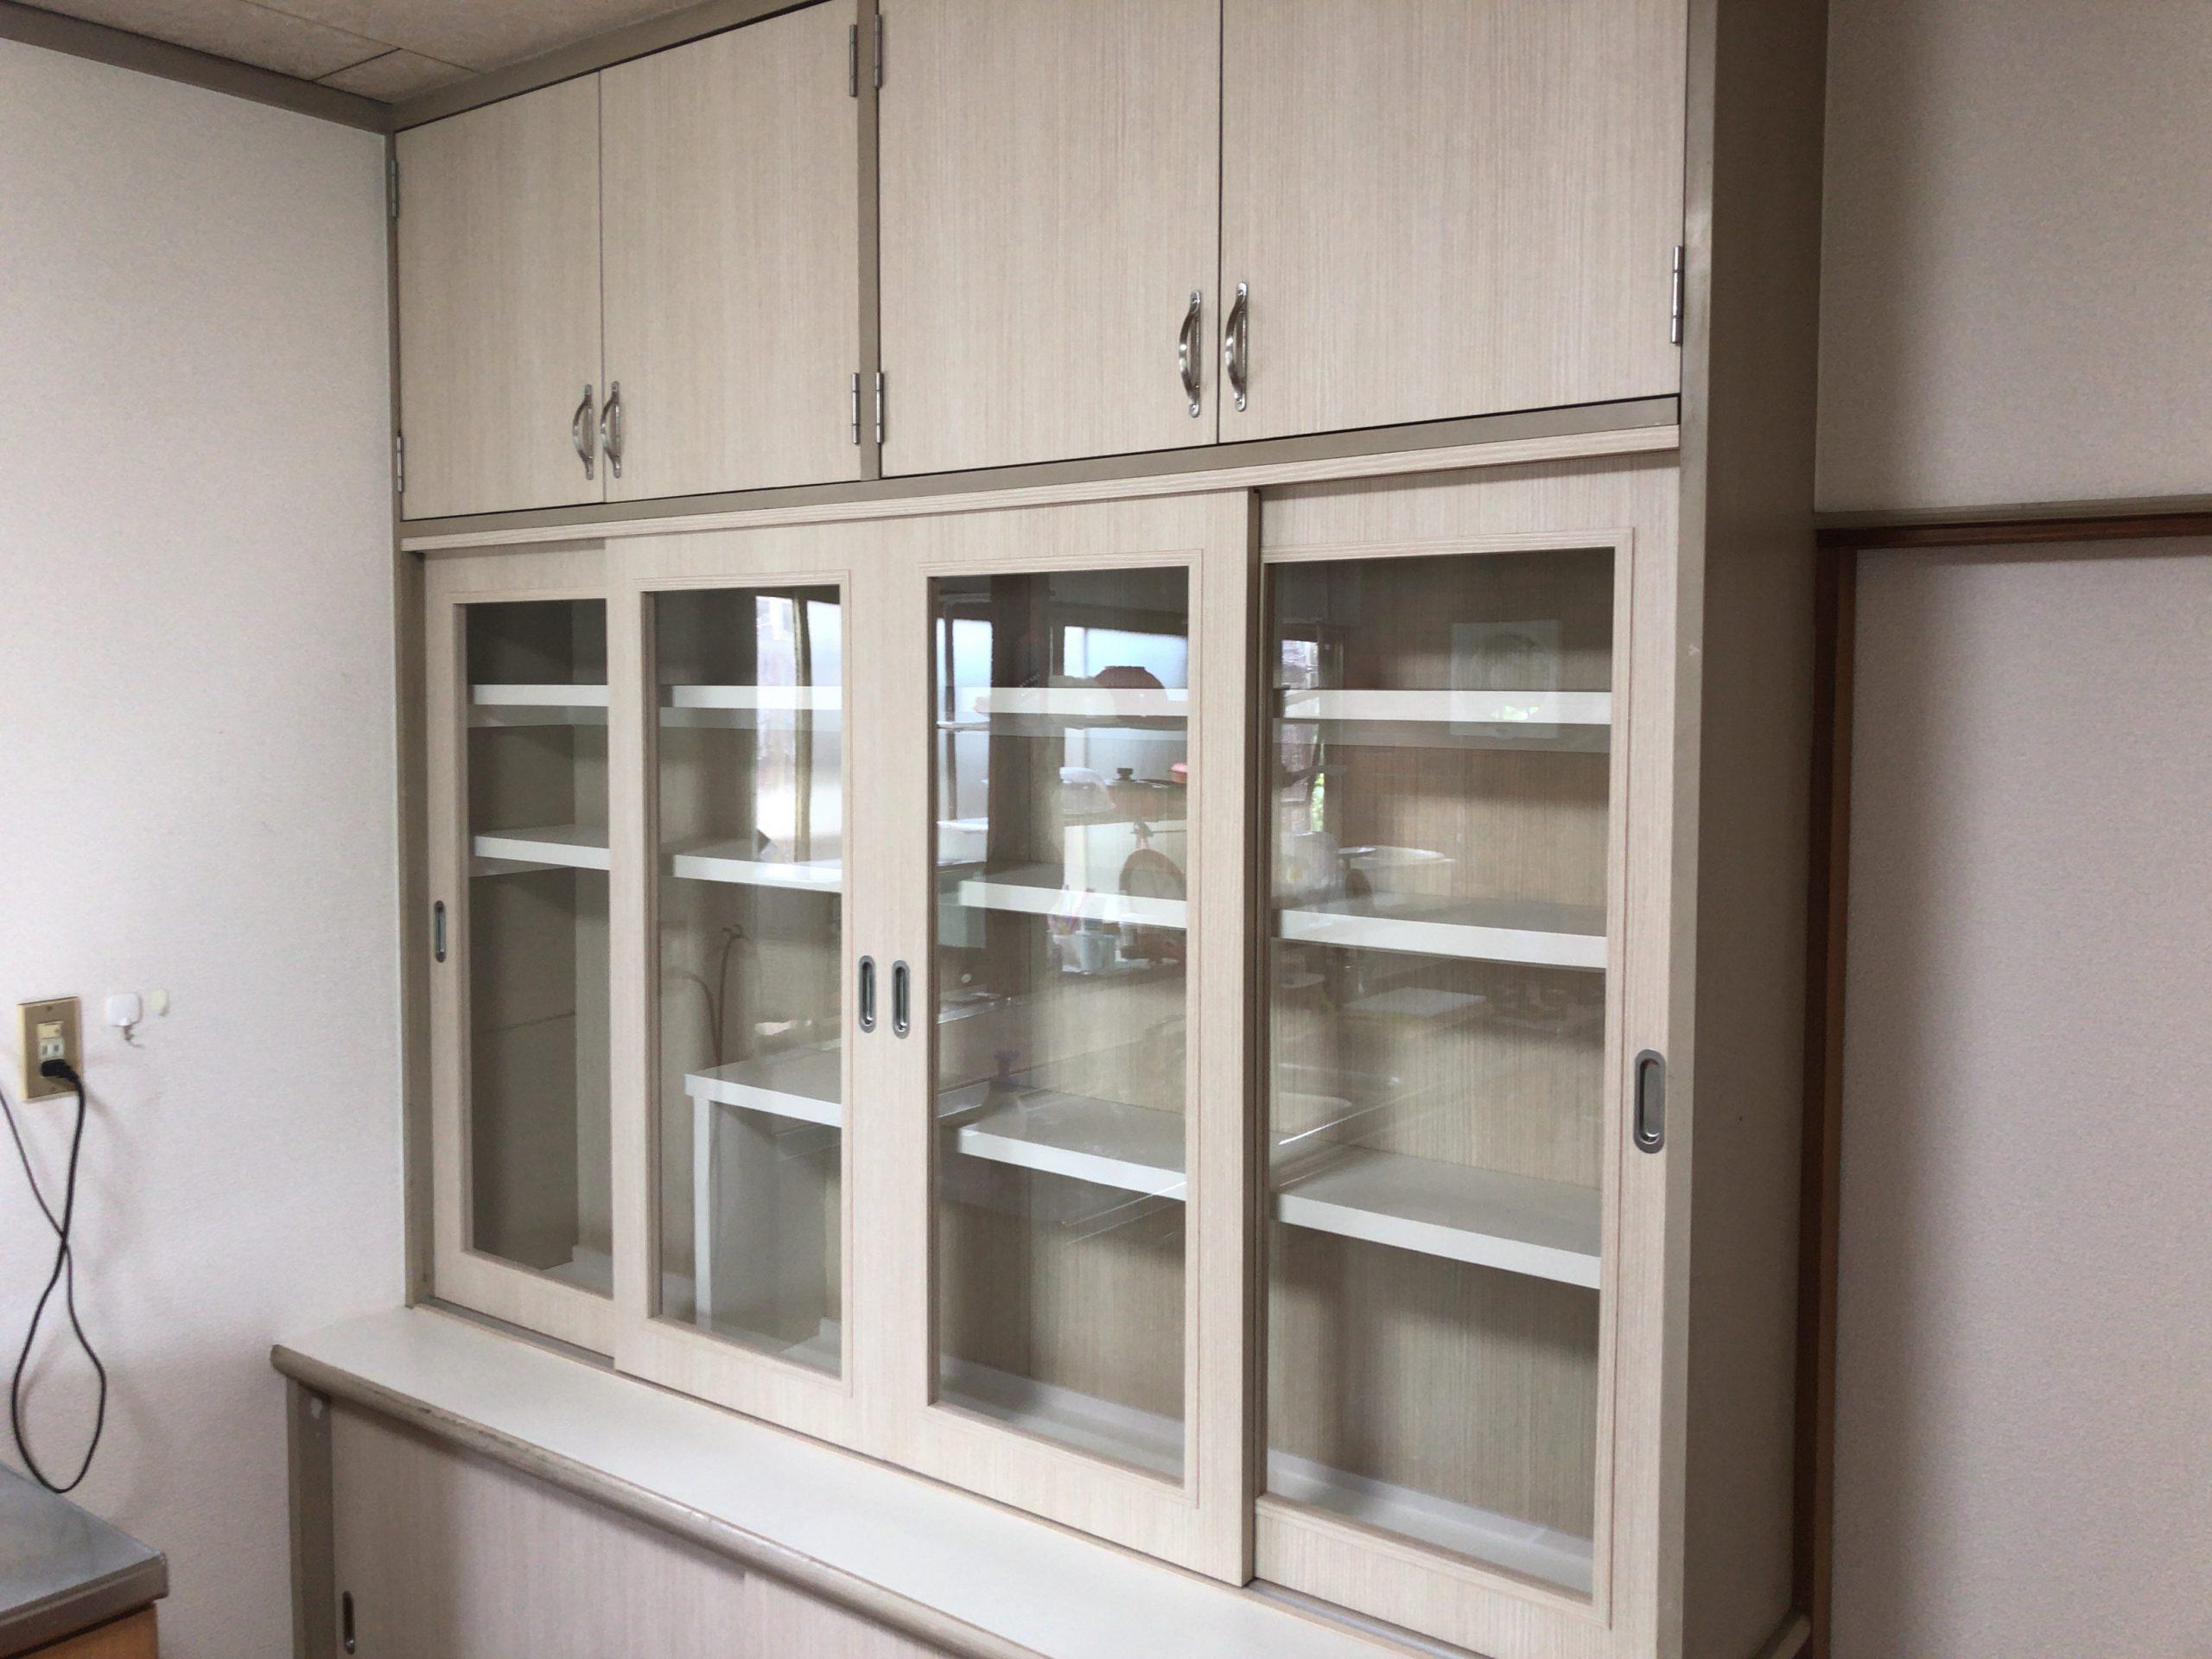 【リフォーム】備え付け食器棚